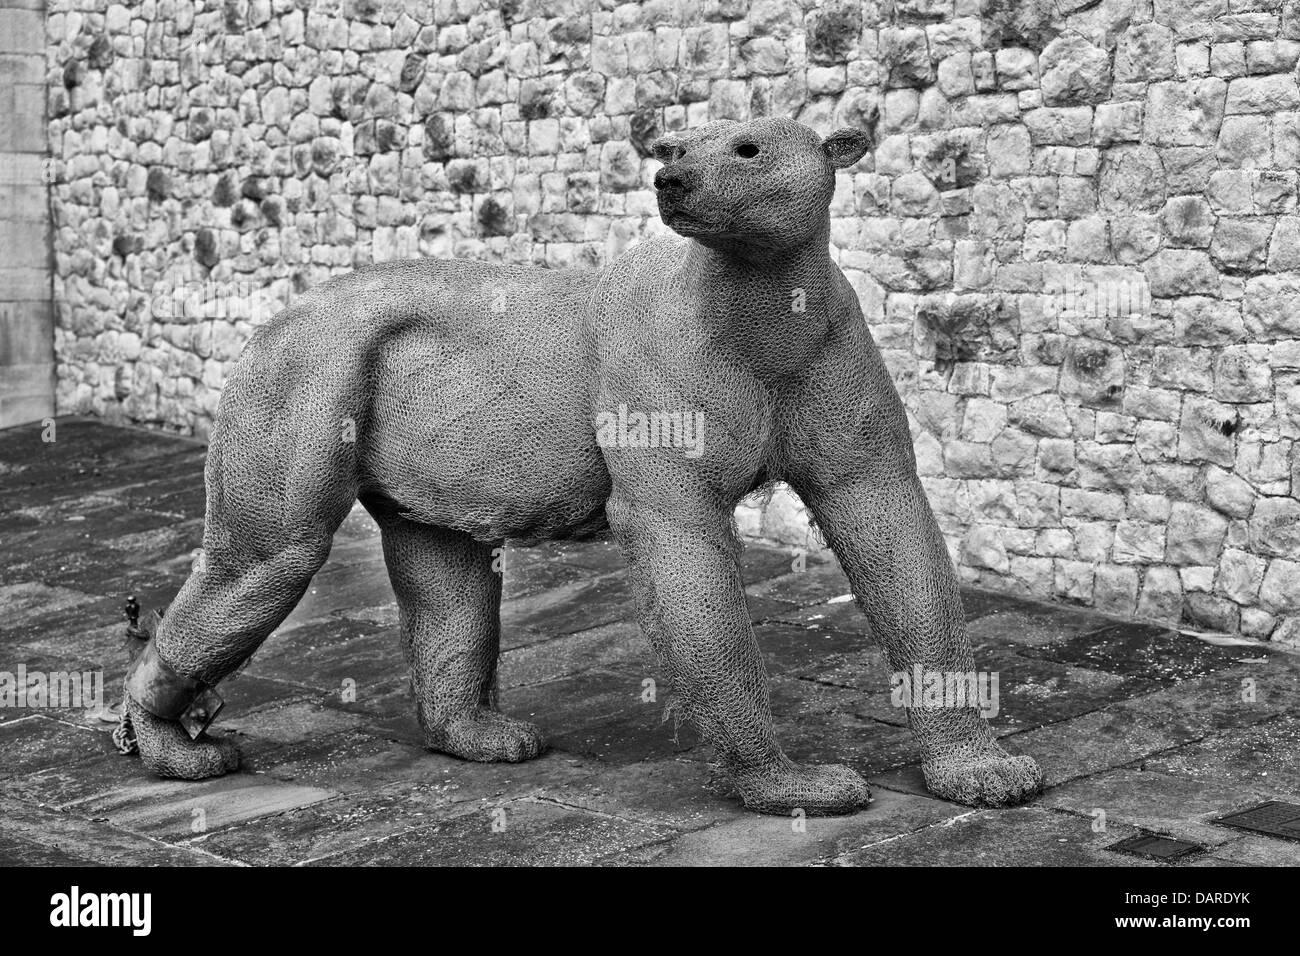 Schwarz Weiss Moderne Kunst Skulptur Aus Stahlwolle Eines Eisbaren An Der Tower Of London Als Eine Menagerie Ausstellung Stockfotografie Alamy